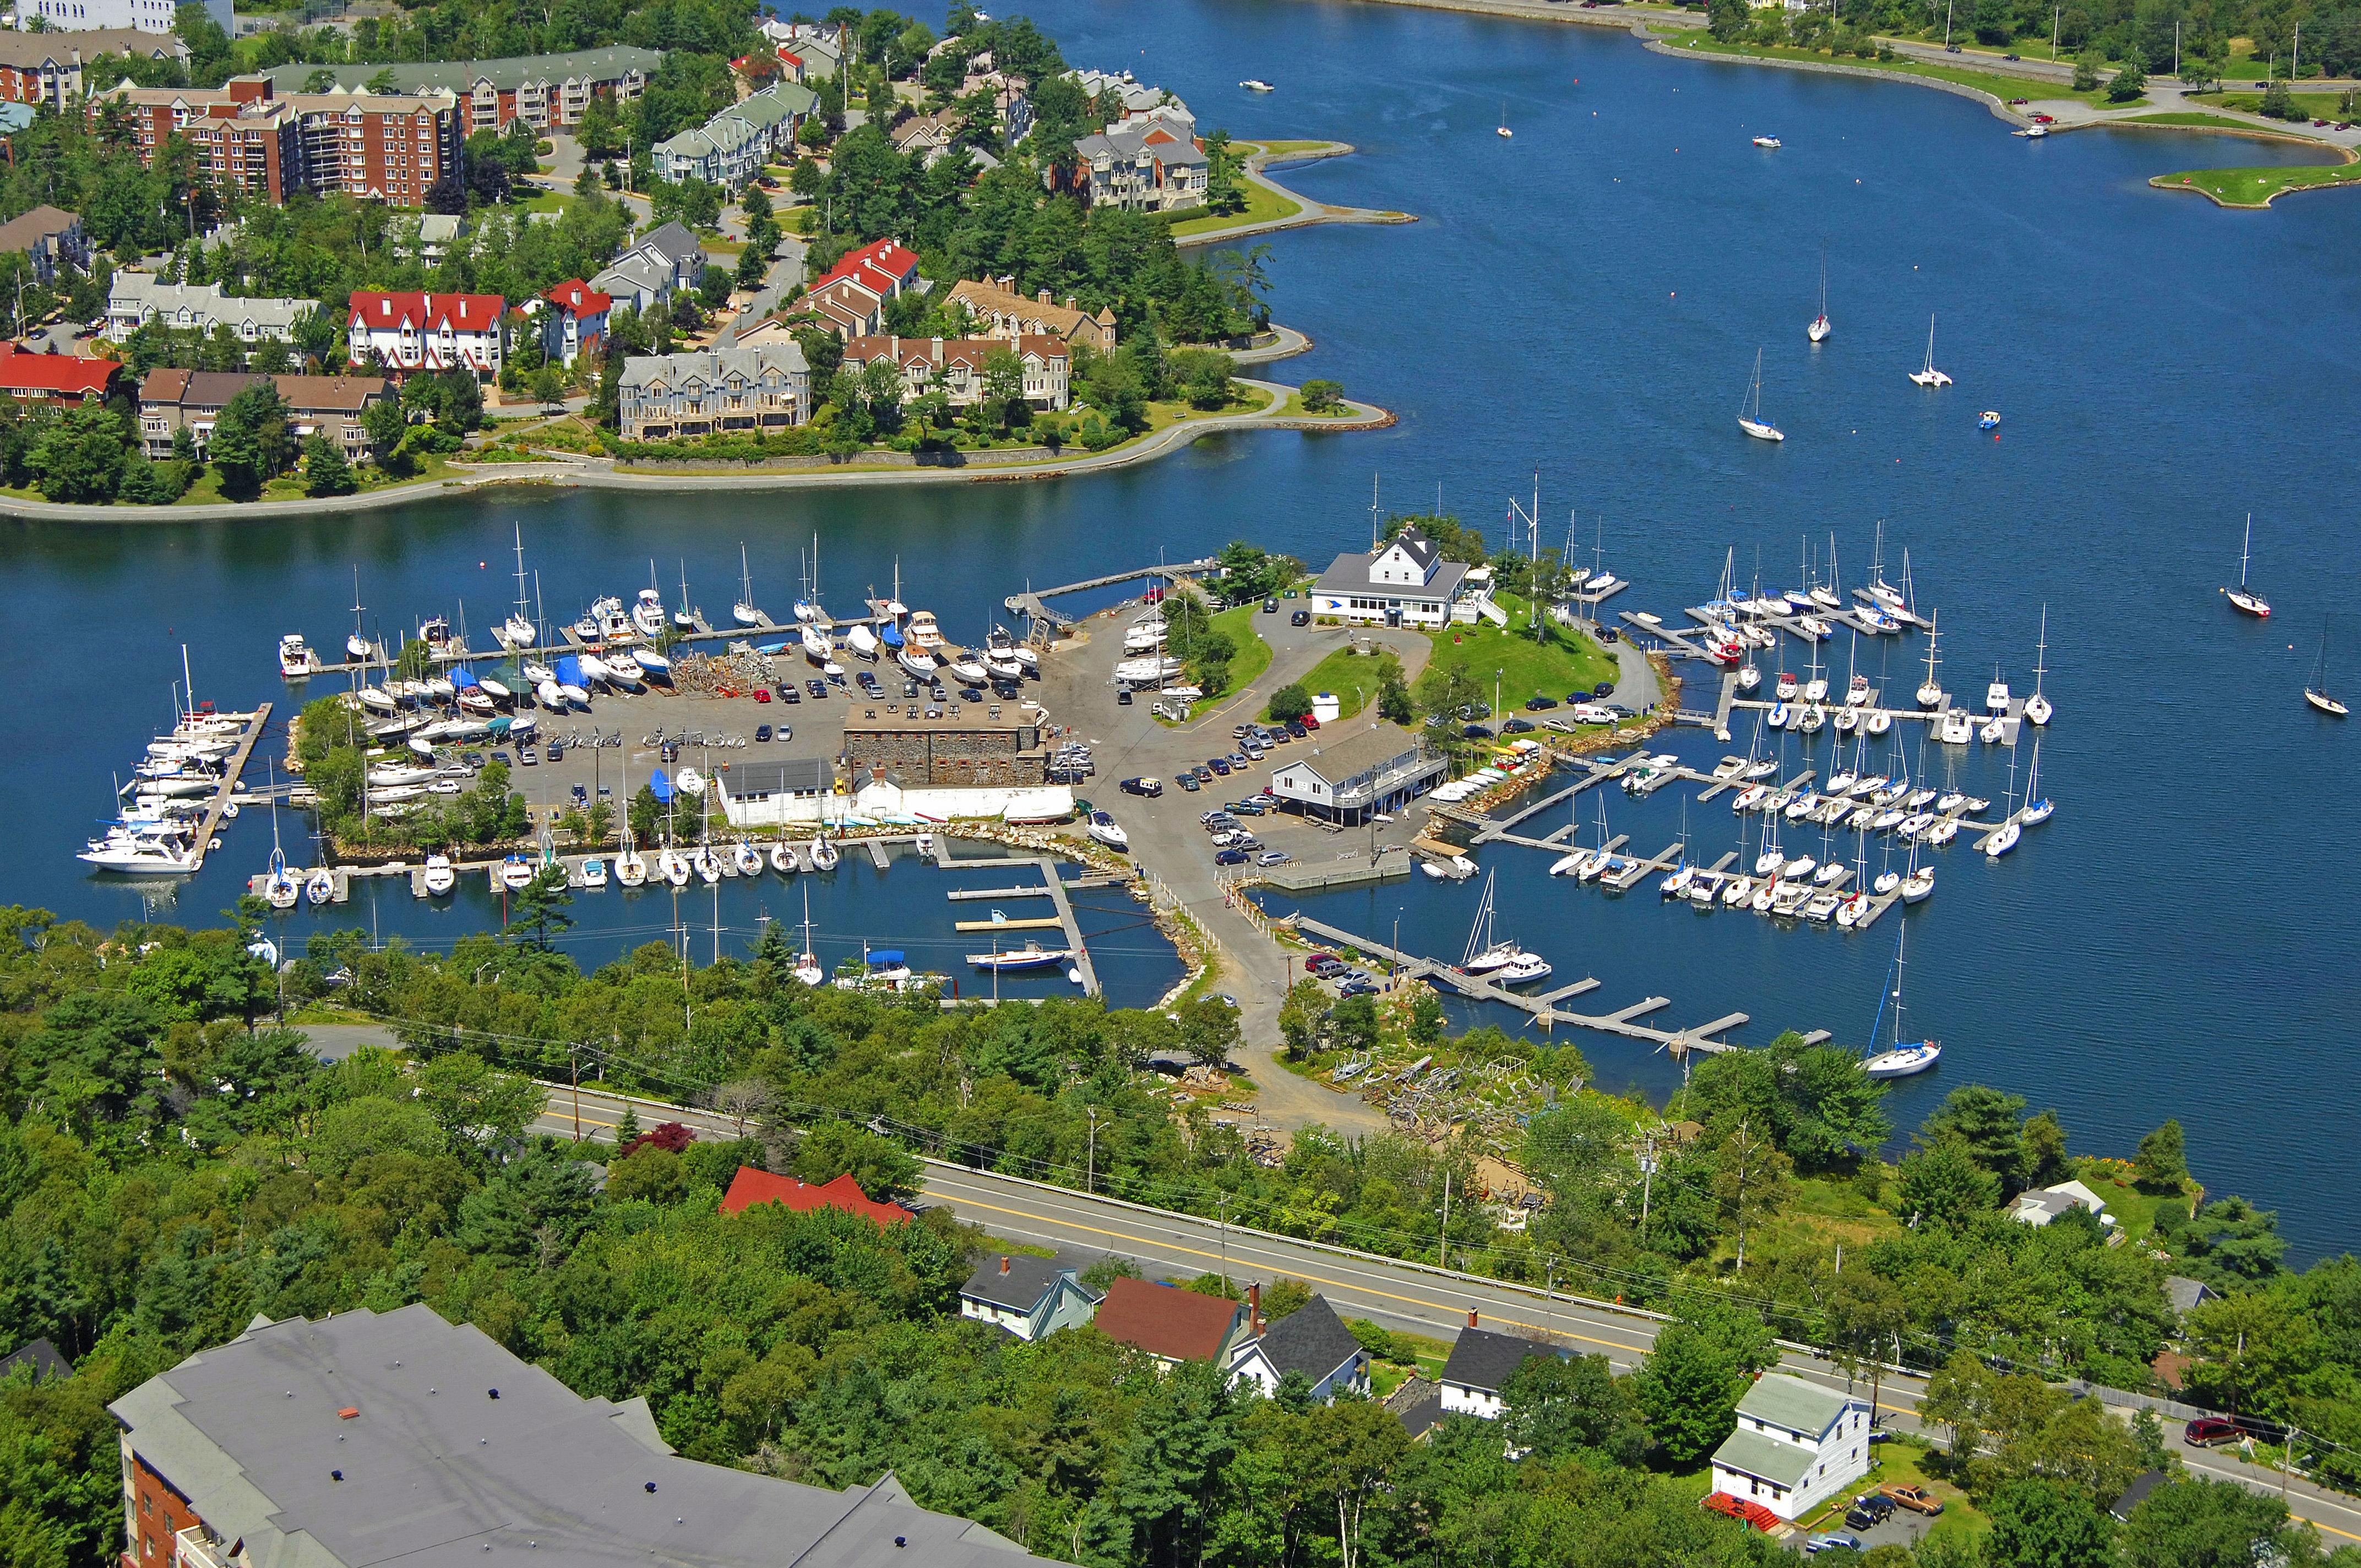 Armdale Yacht Club Marina in Halifax, NS, Canada - Marina